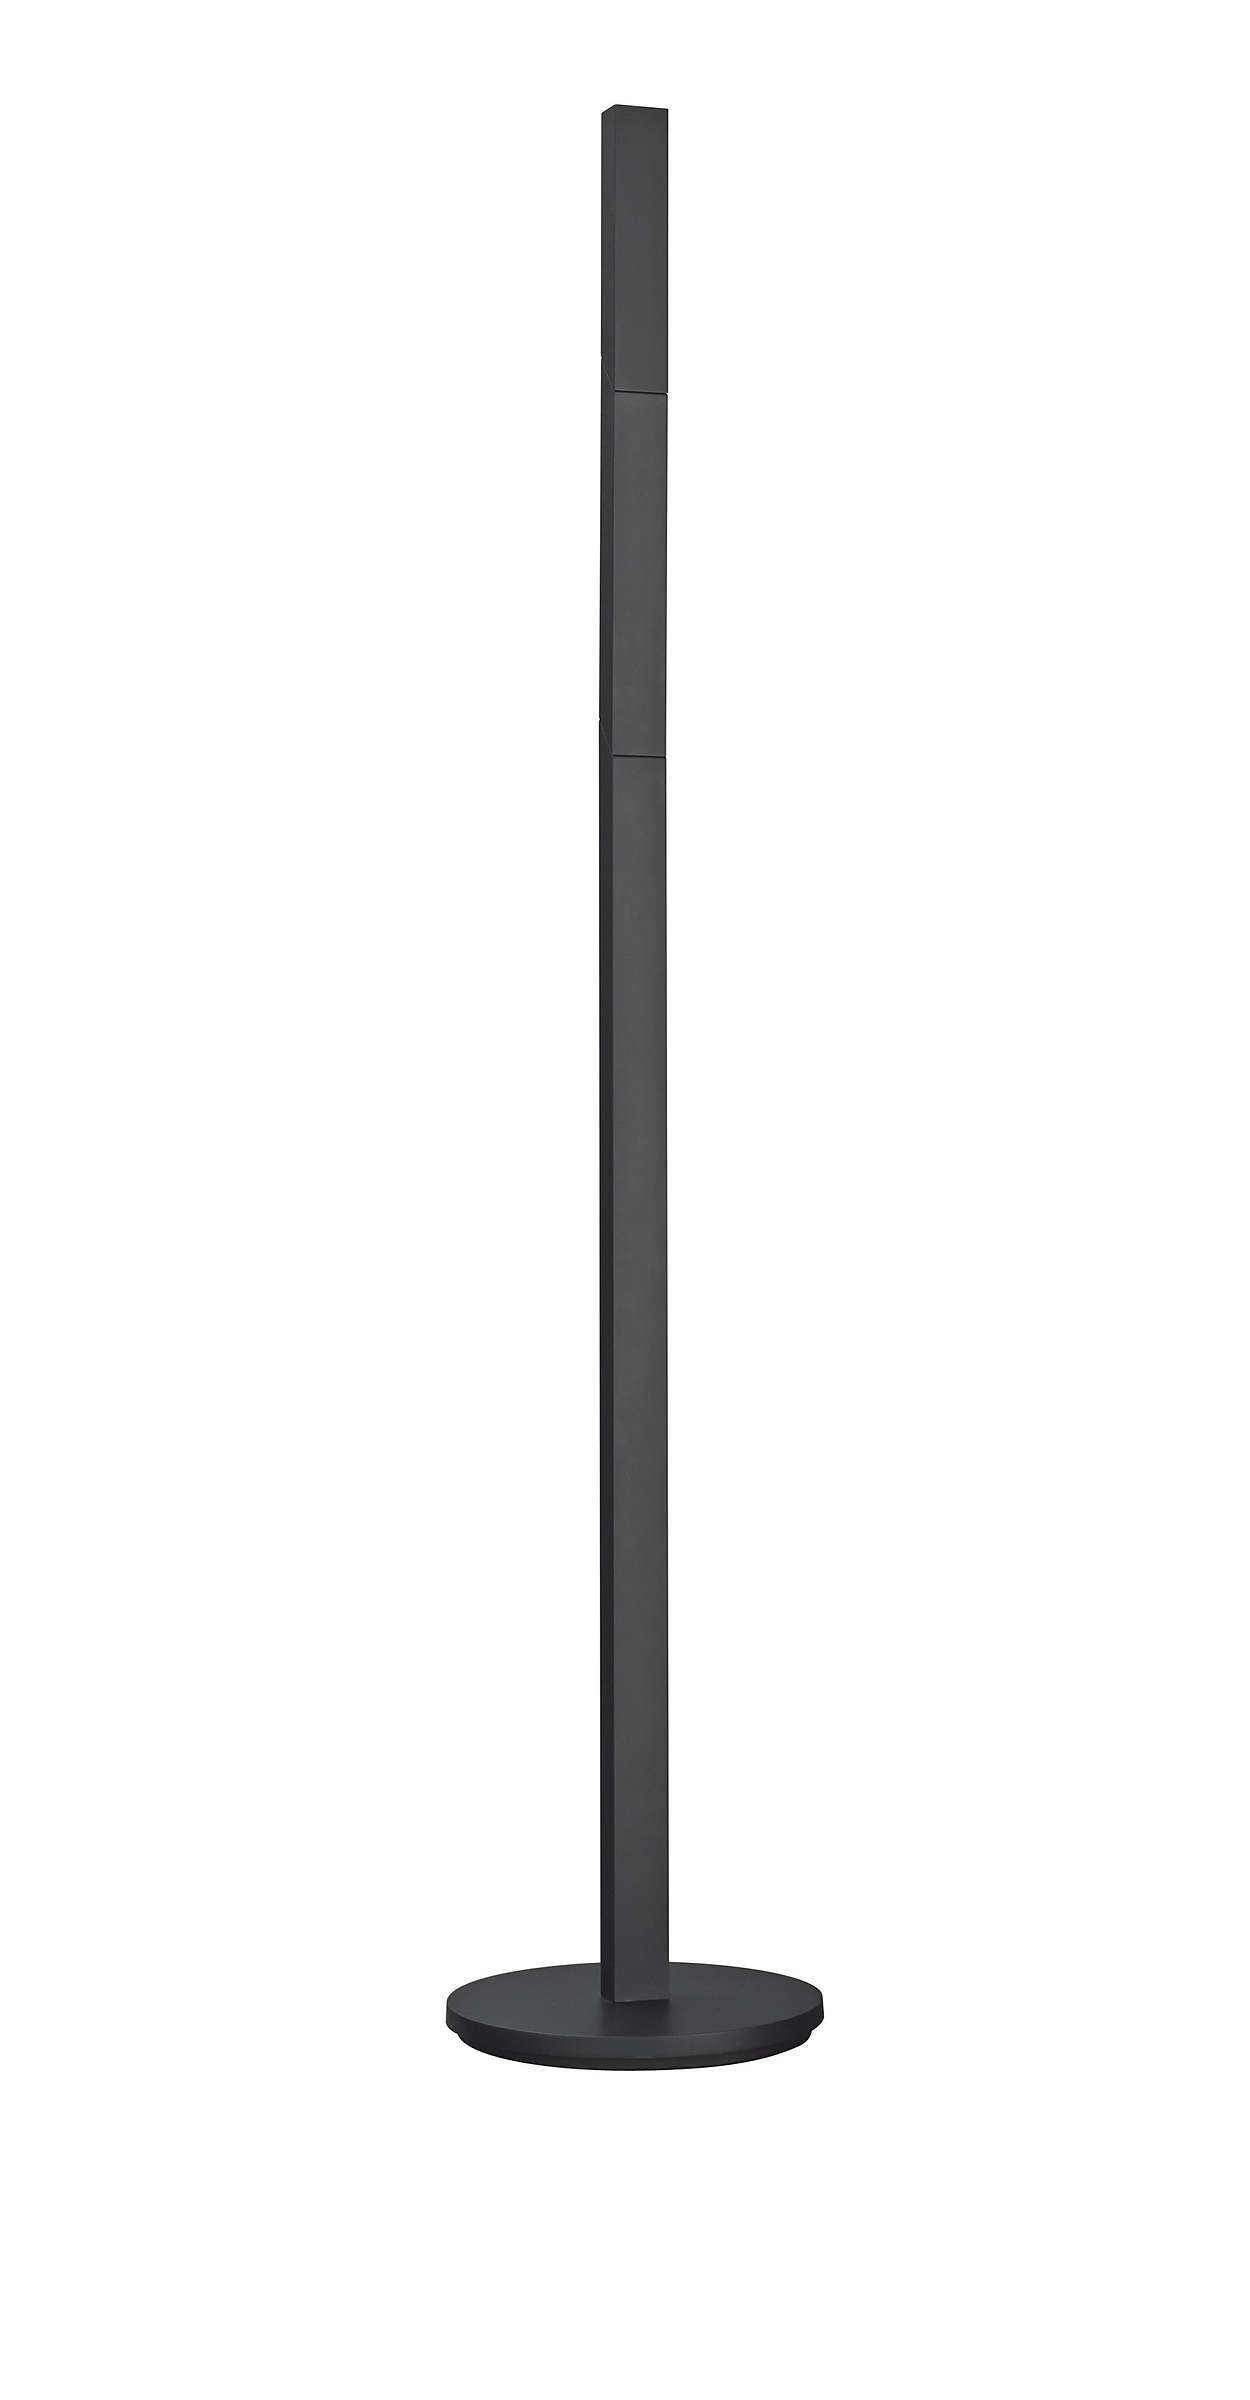 Što možete učiniti s ravnom linijom?